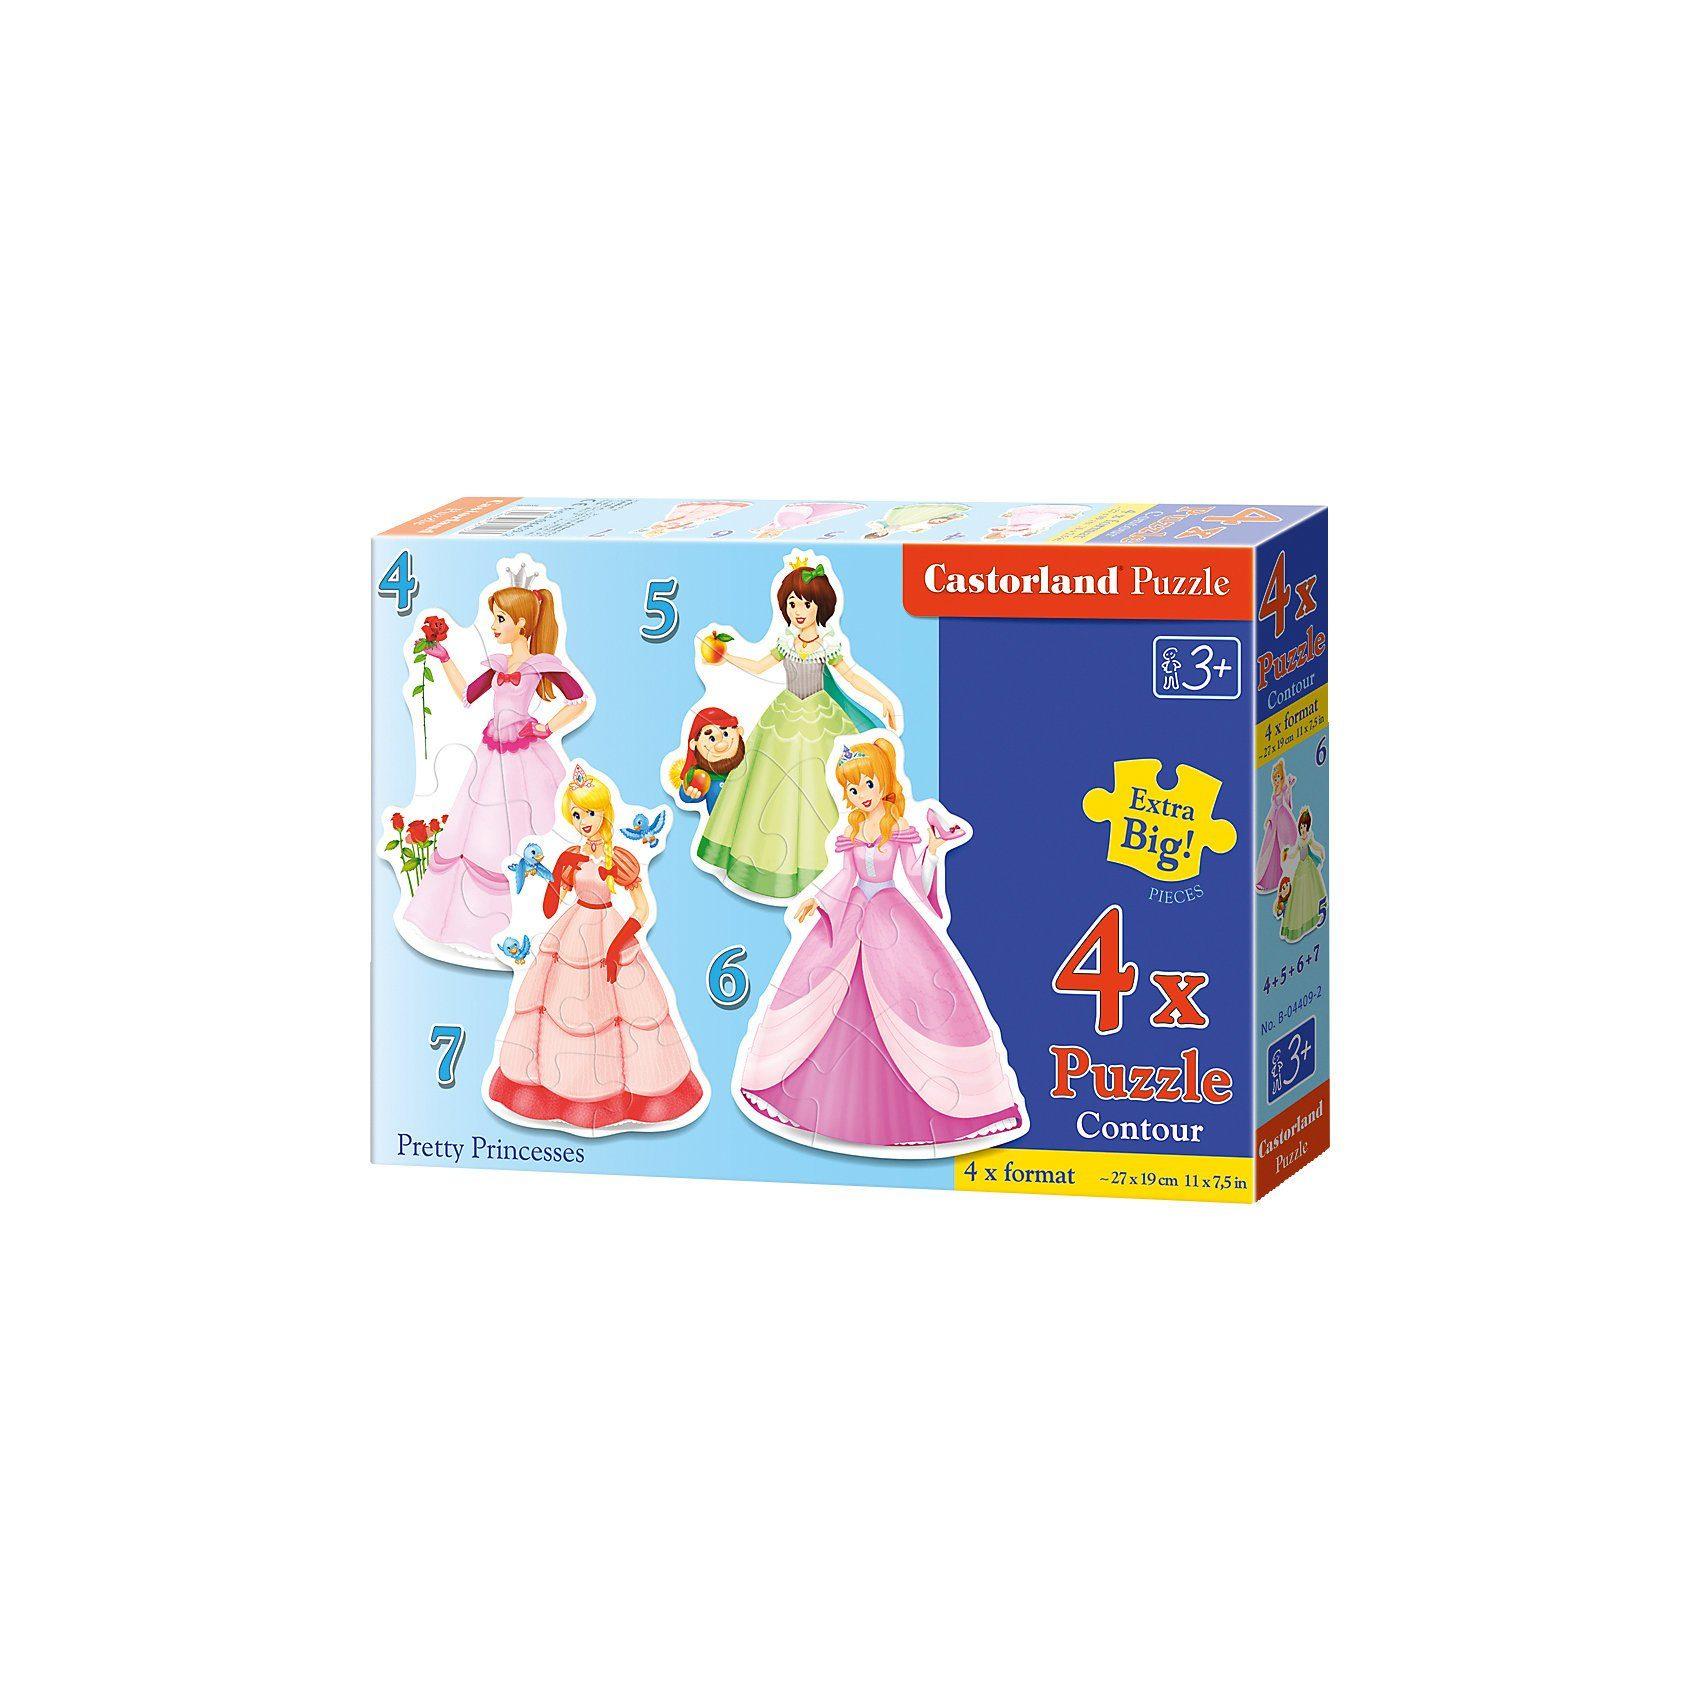 Castorland Puzzleset Konturenpuzzle 4/5/6/7 Teile - Prinzessinnen